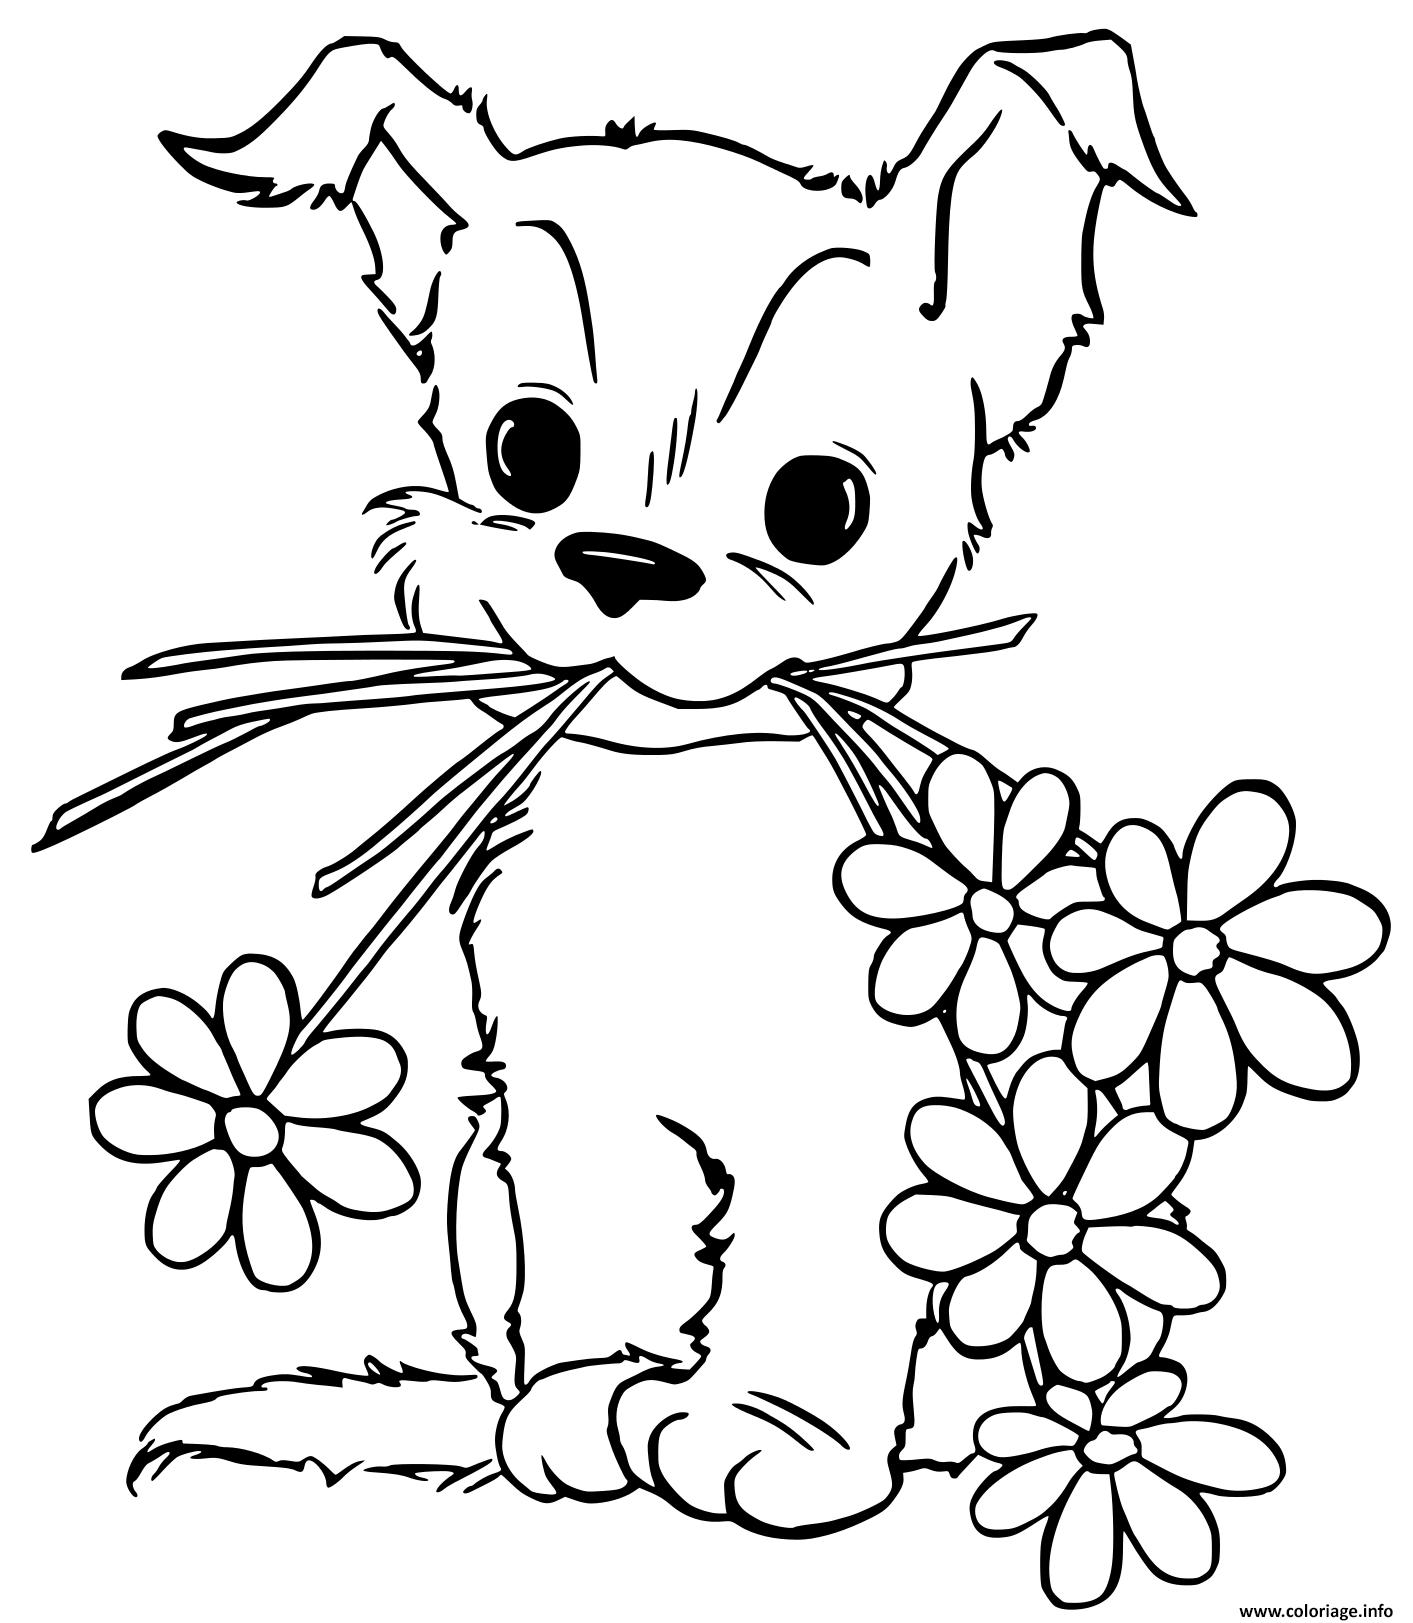 Coloriage Jeune Chien Chiot Avec Des Fleurs Dessin Chien A Imprimer